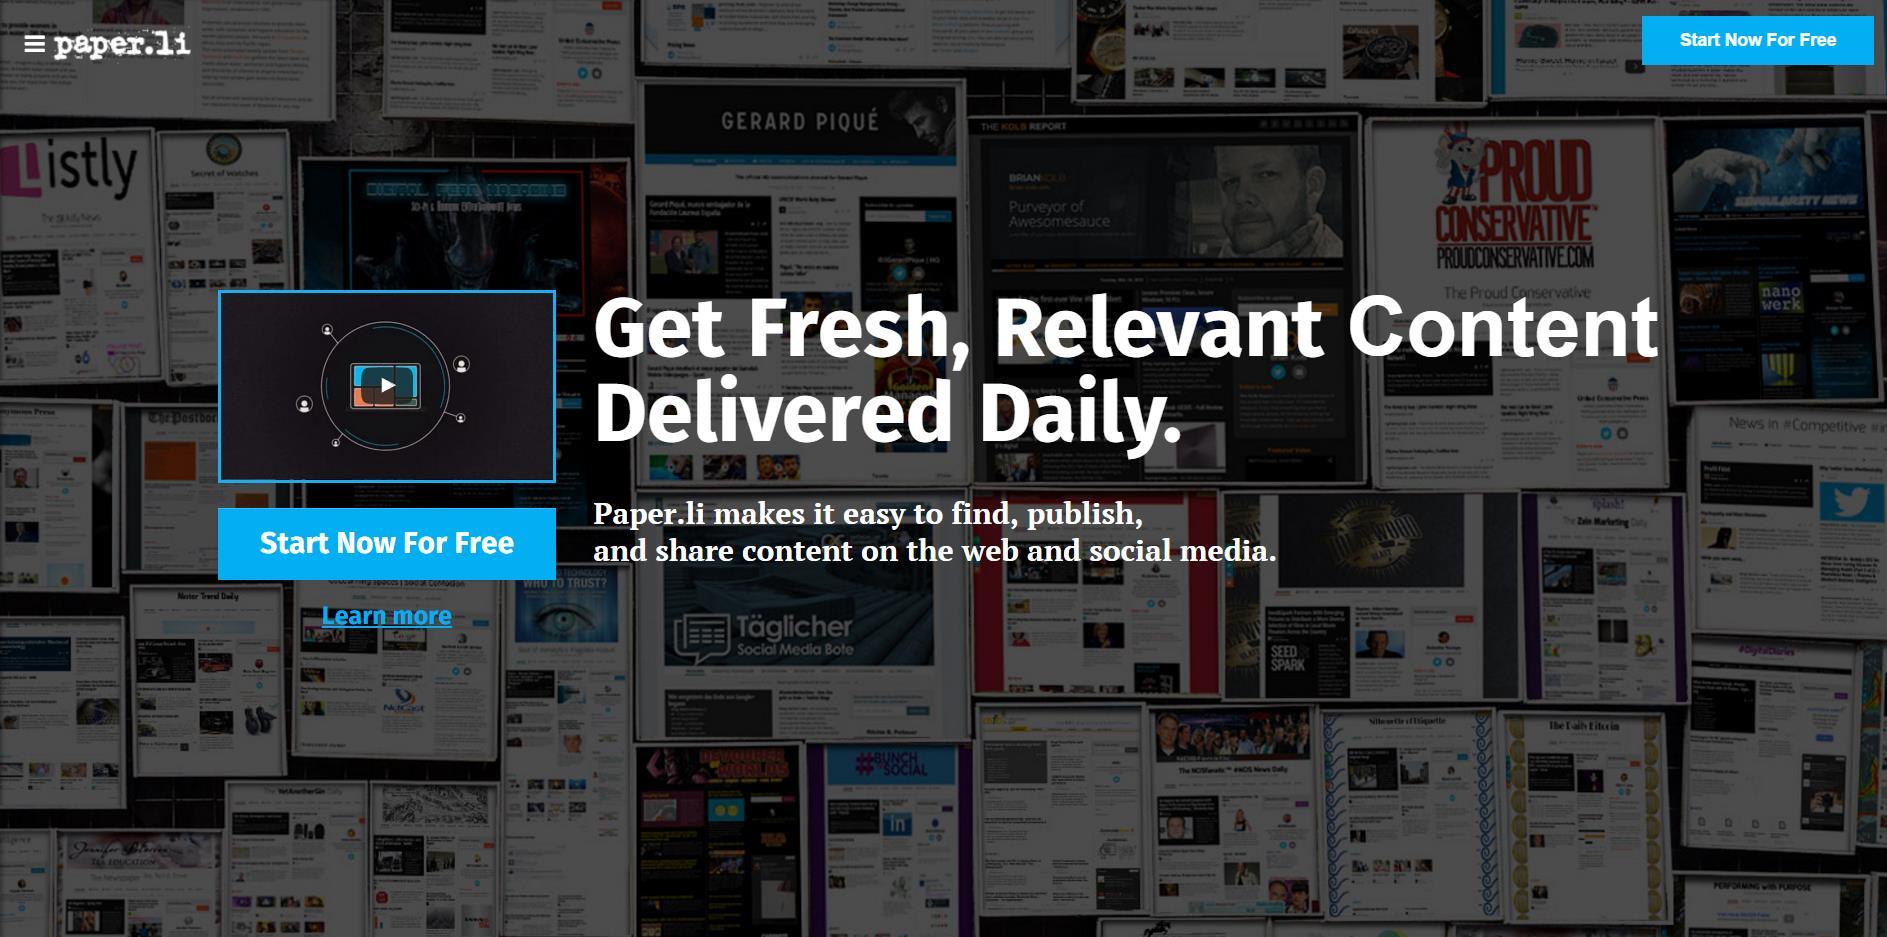 Come creare un giornale online con Paper.li